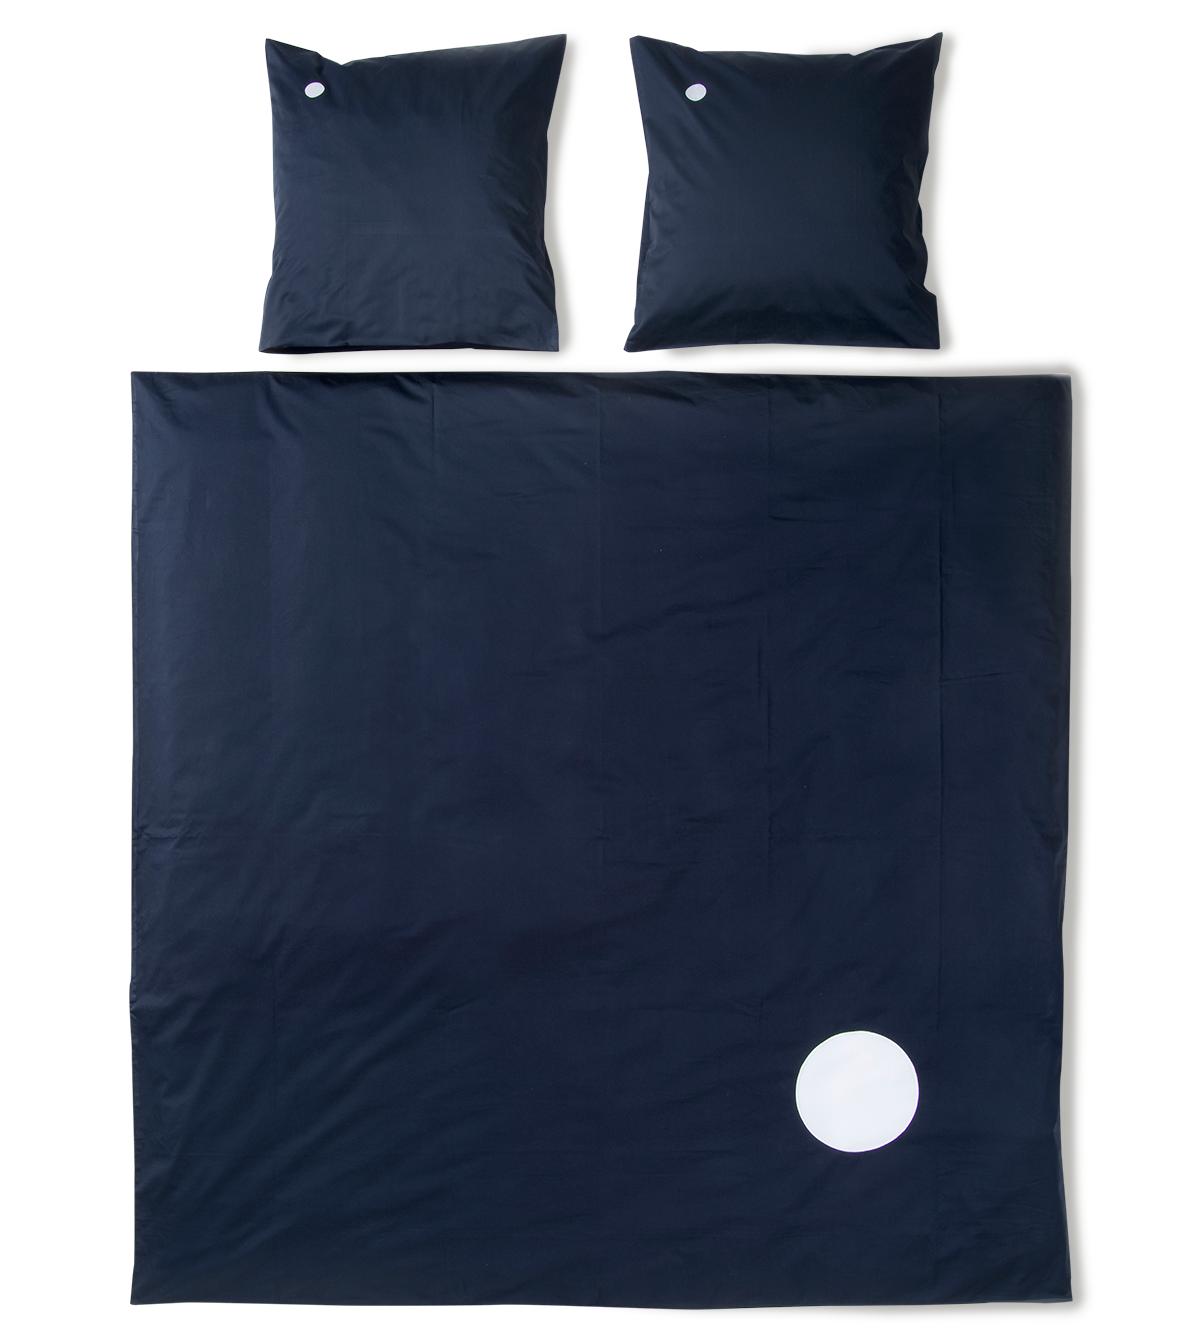 housse de couette mod le rond collection 01 gris clair. Black Bedroom Furniture Sets. Home Design Ideas